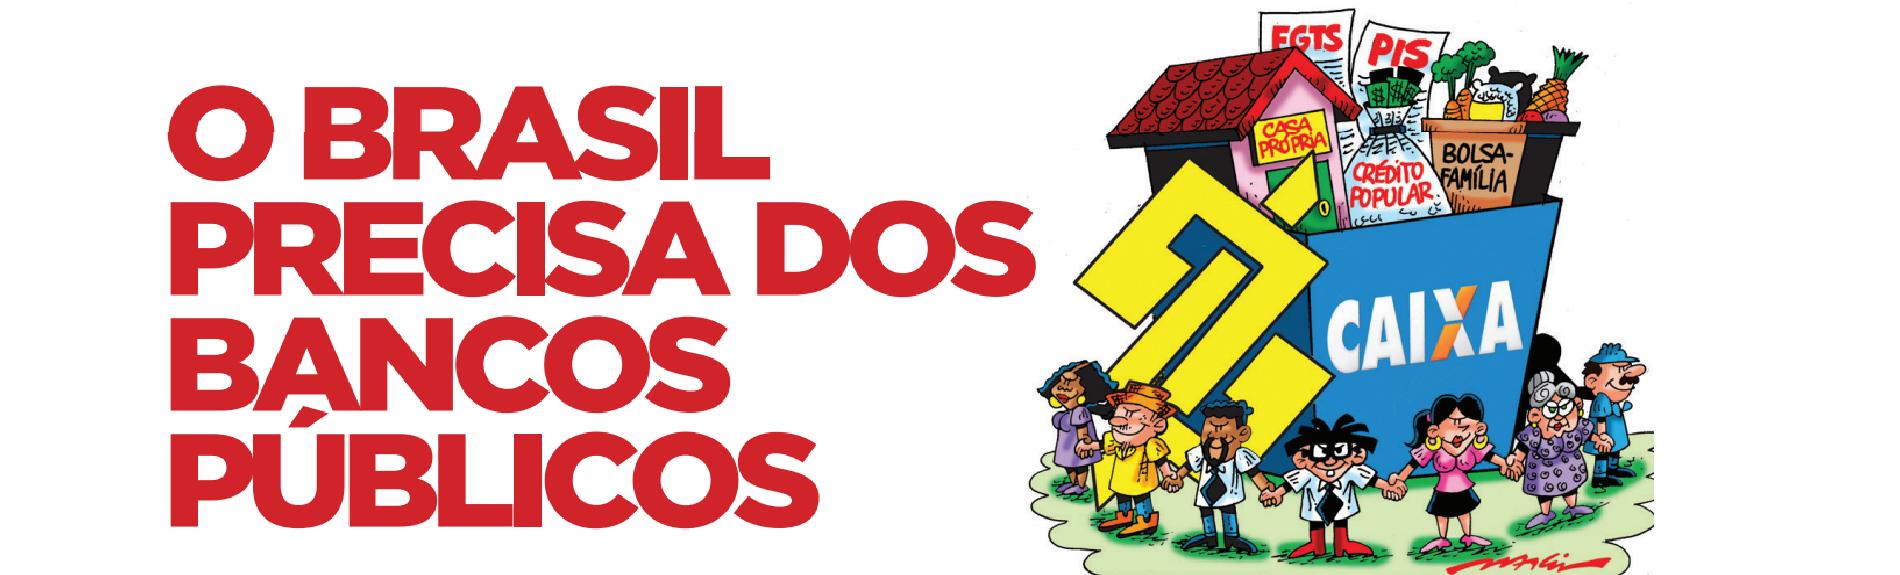 O BRASIL PRECISA DOS BANCOS PÚBLICOS - SINTRAF